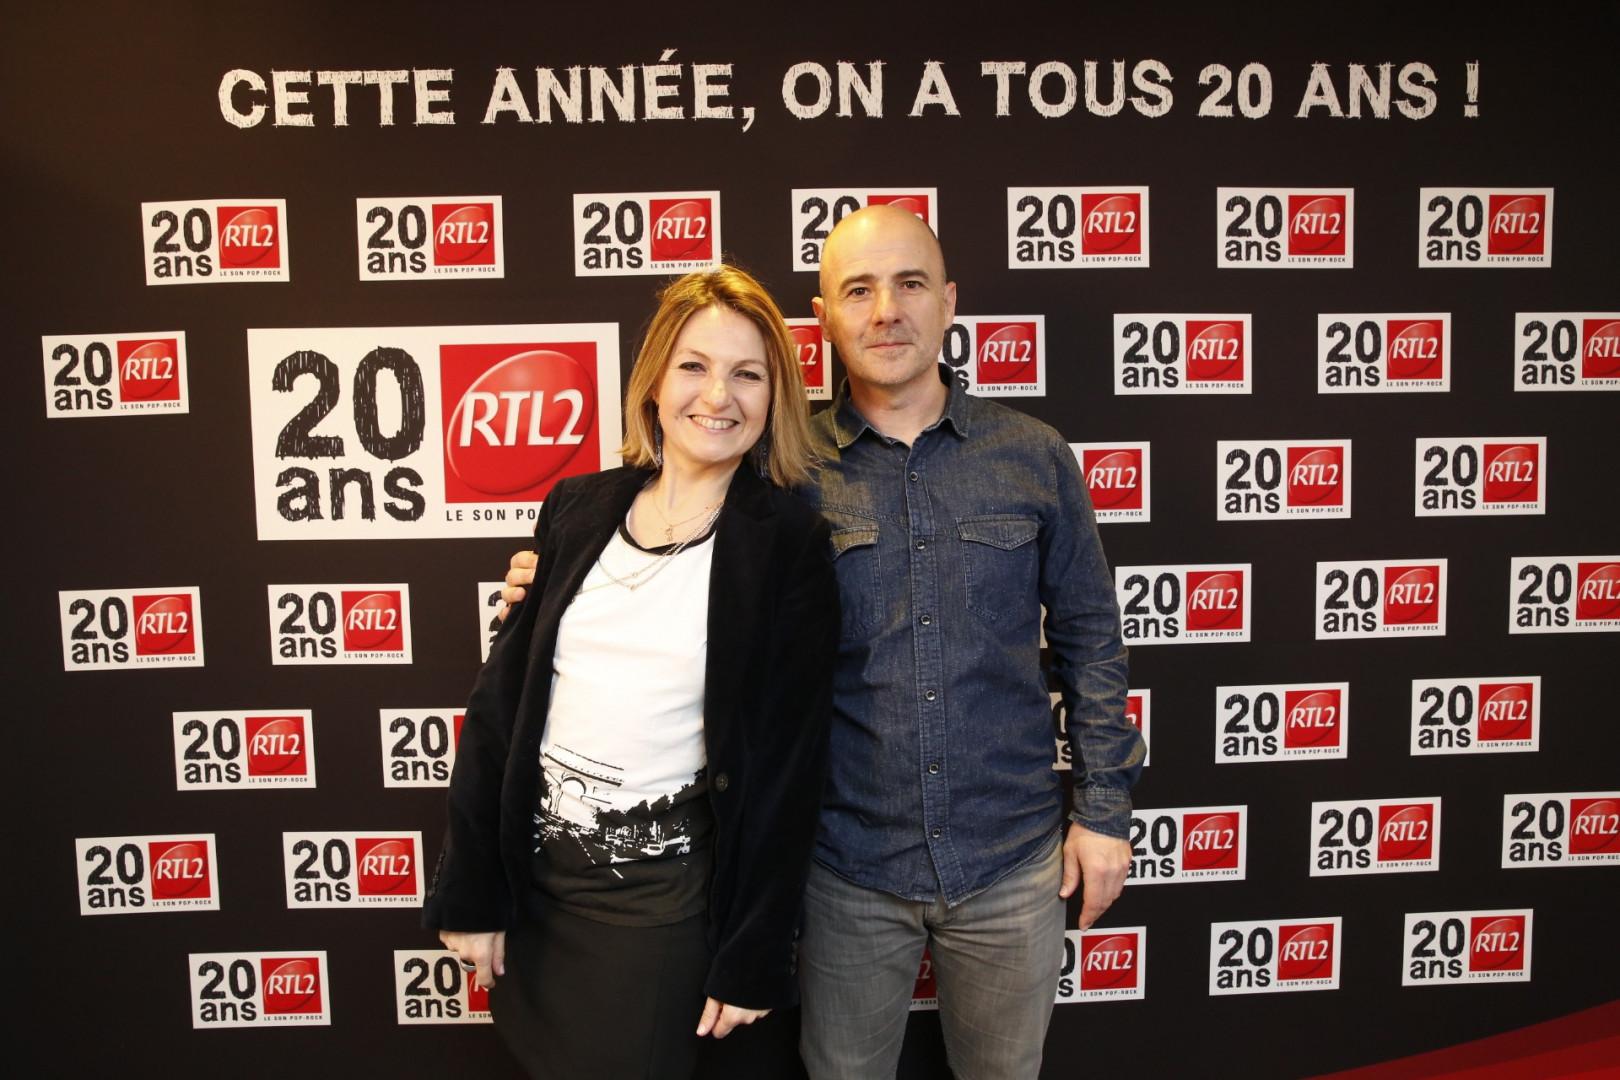 Corinne Versini et Patrick Kuban, les comédiens voix de RTL2